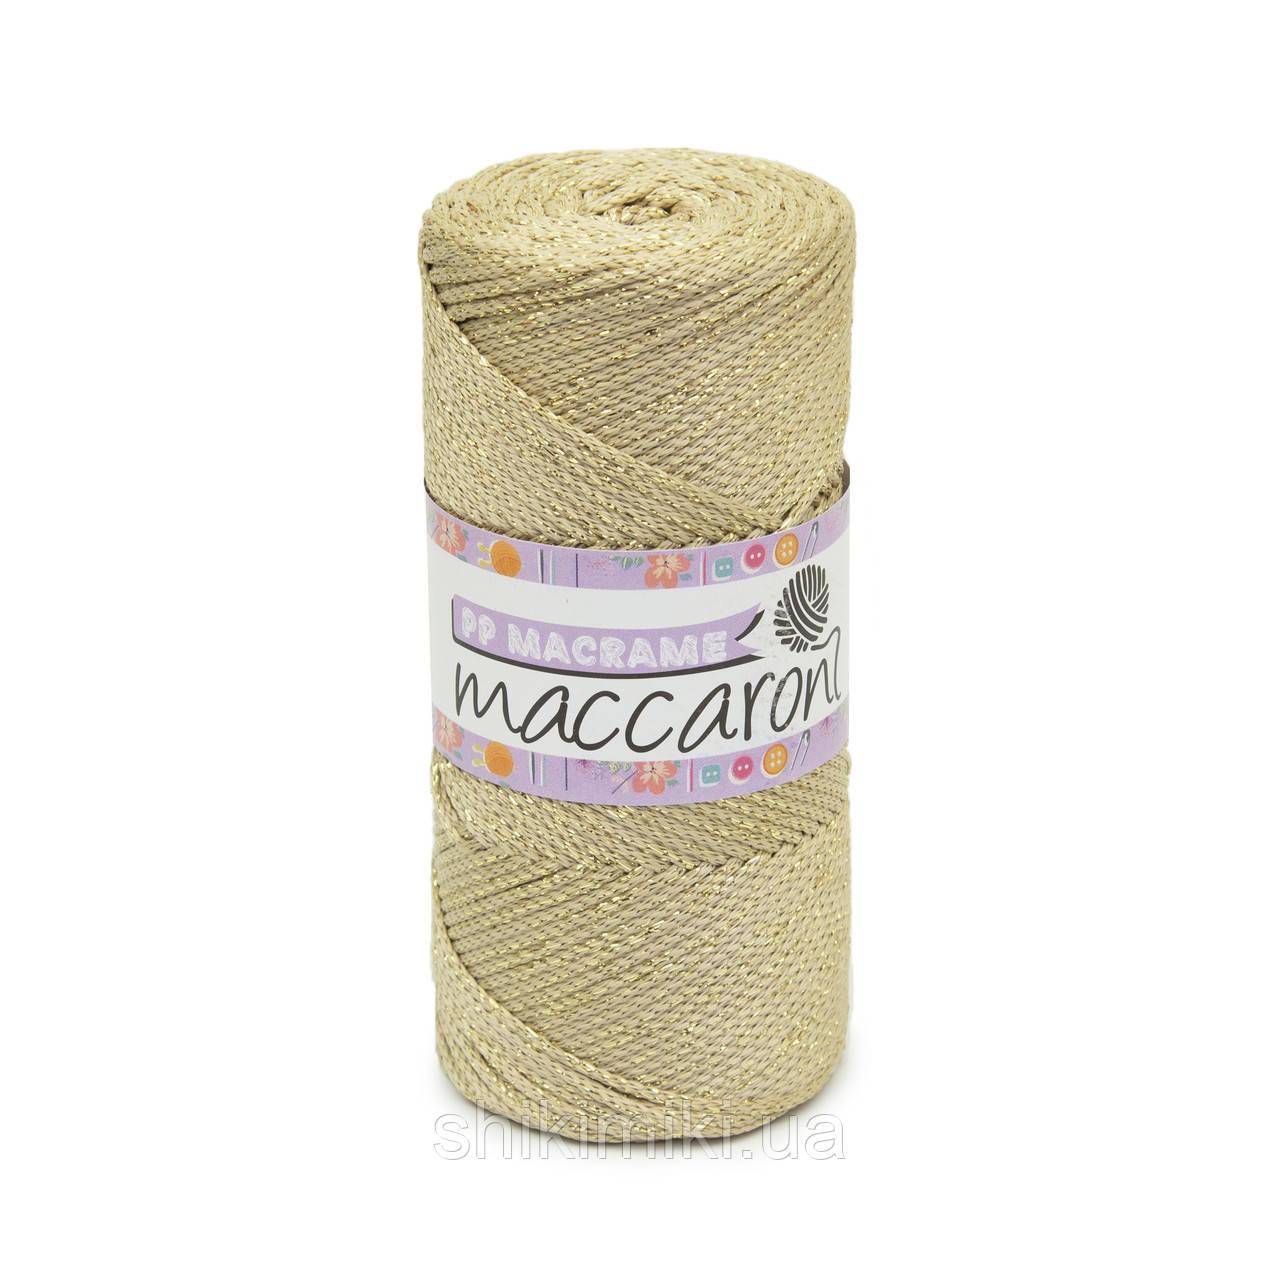 Трикотажный полиэфирный шнур с люрексом PP Macrame, цвет Латте